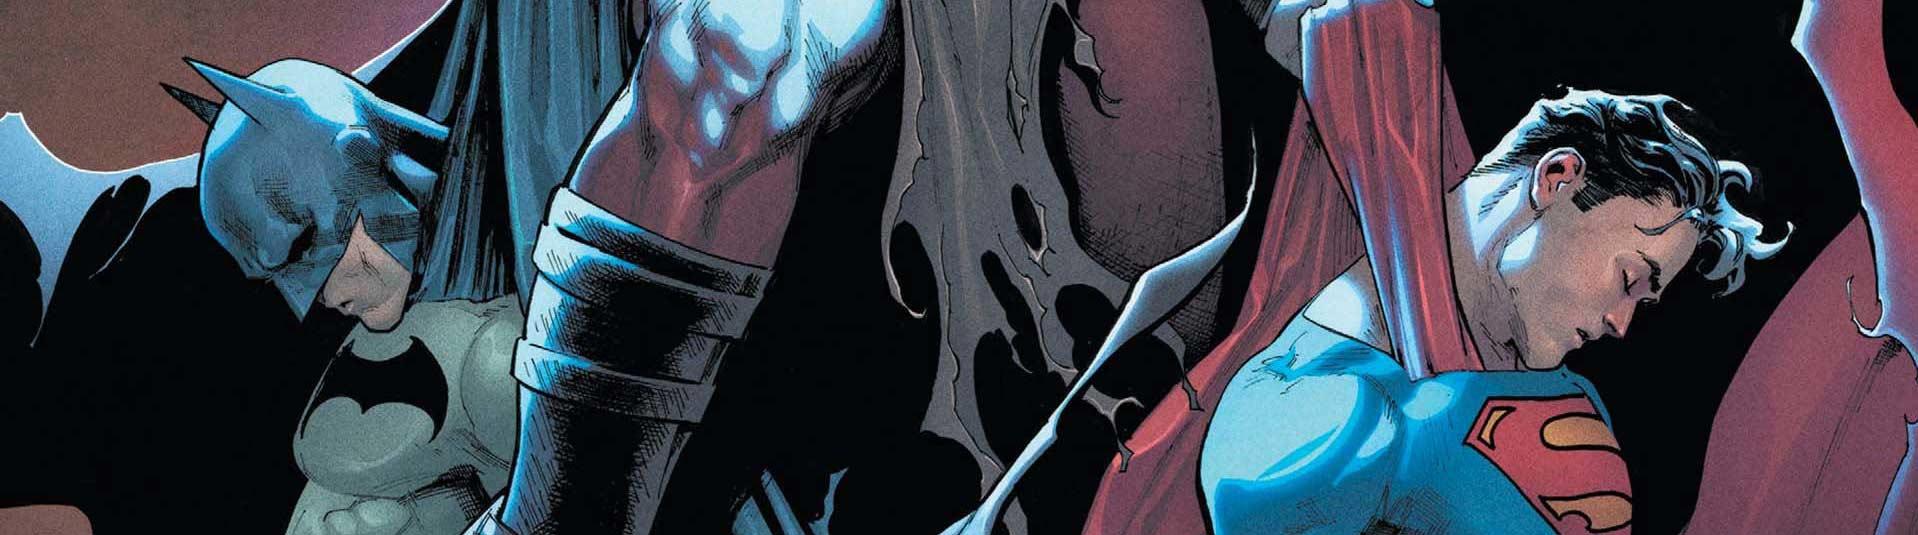 Batman Superman 2